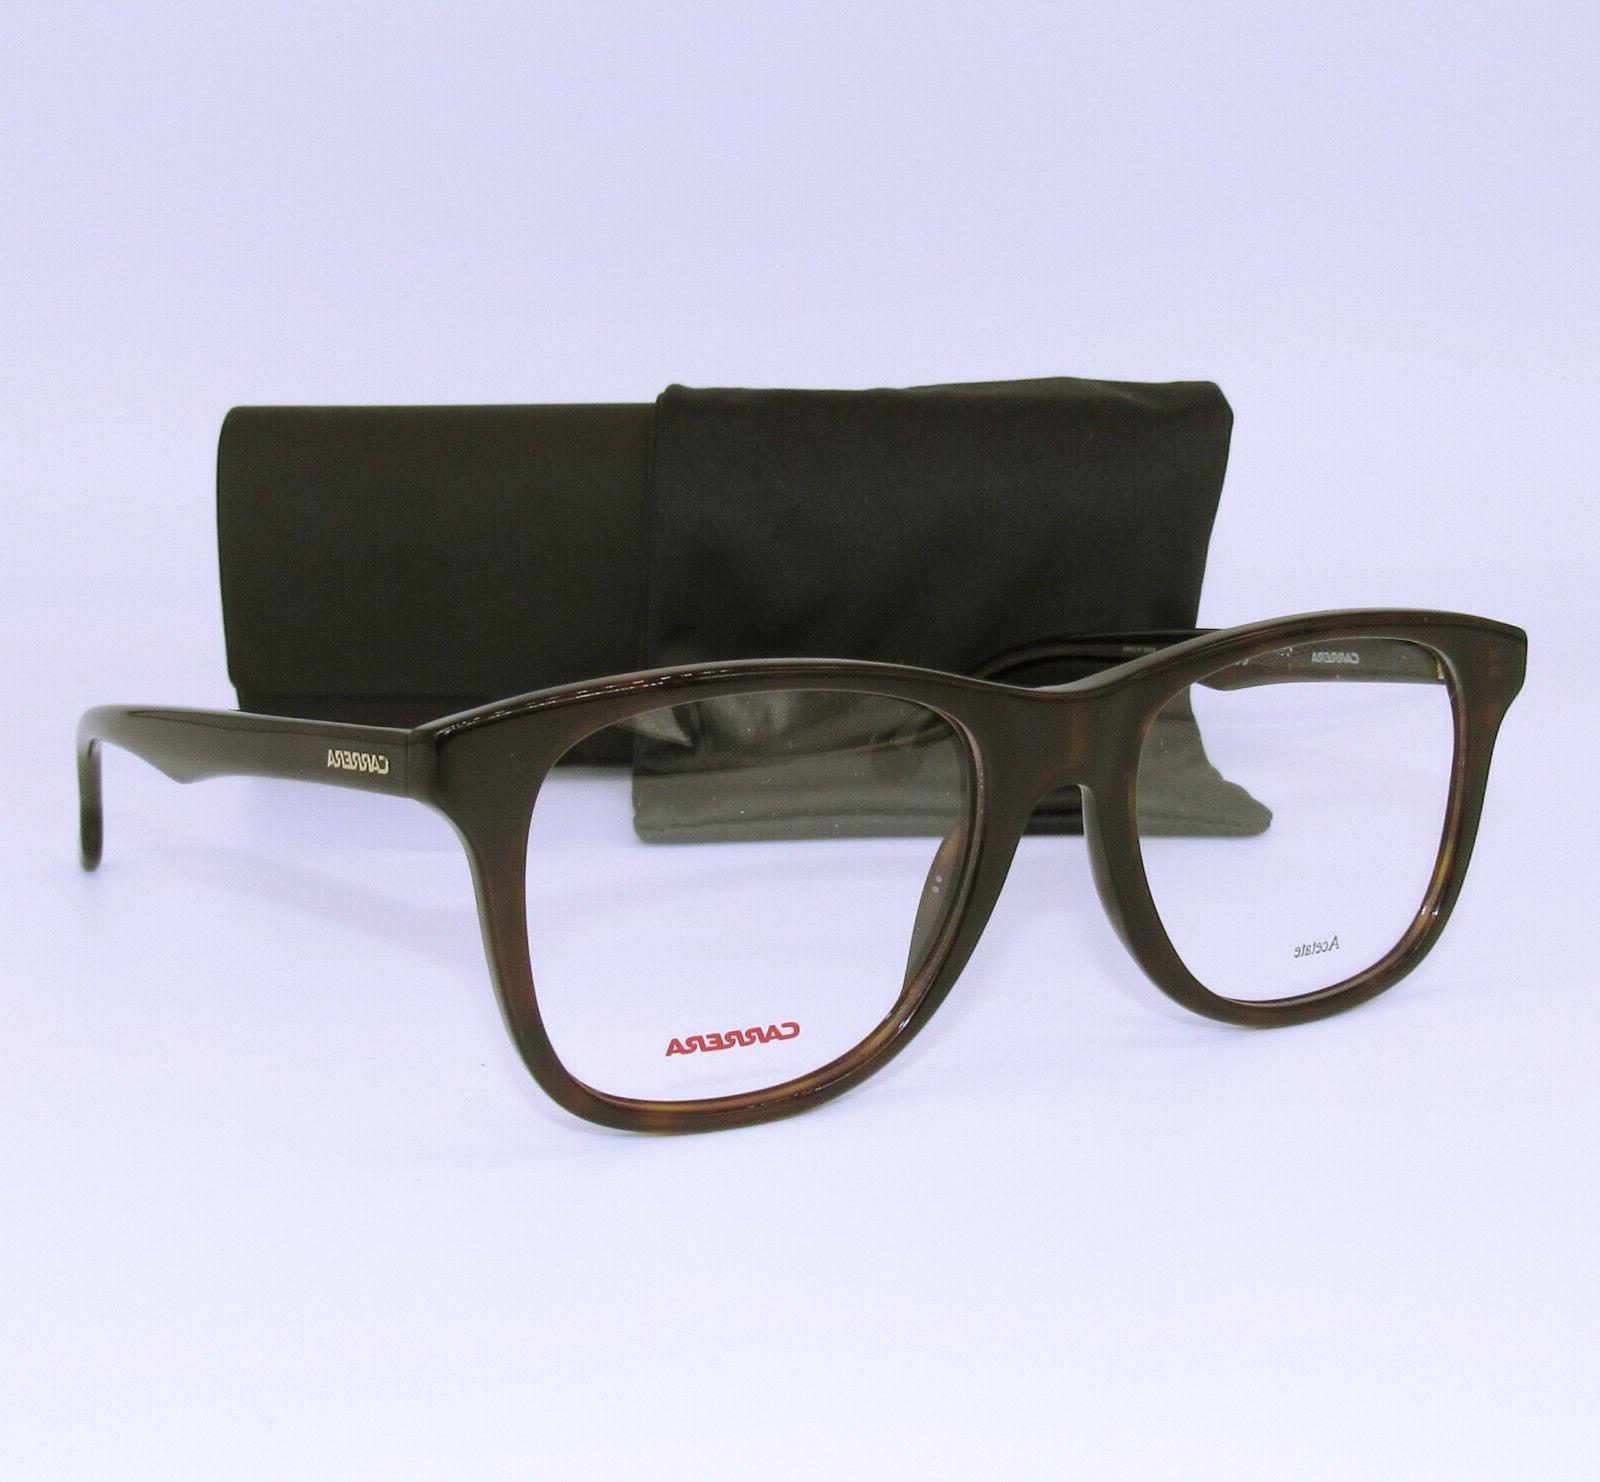 135v 086 havana demo lens 52mm eyeglasses